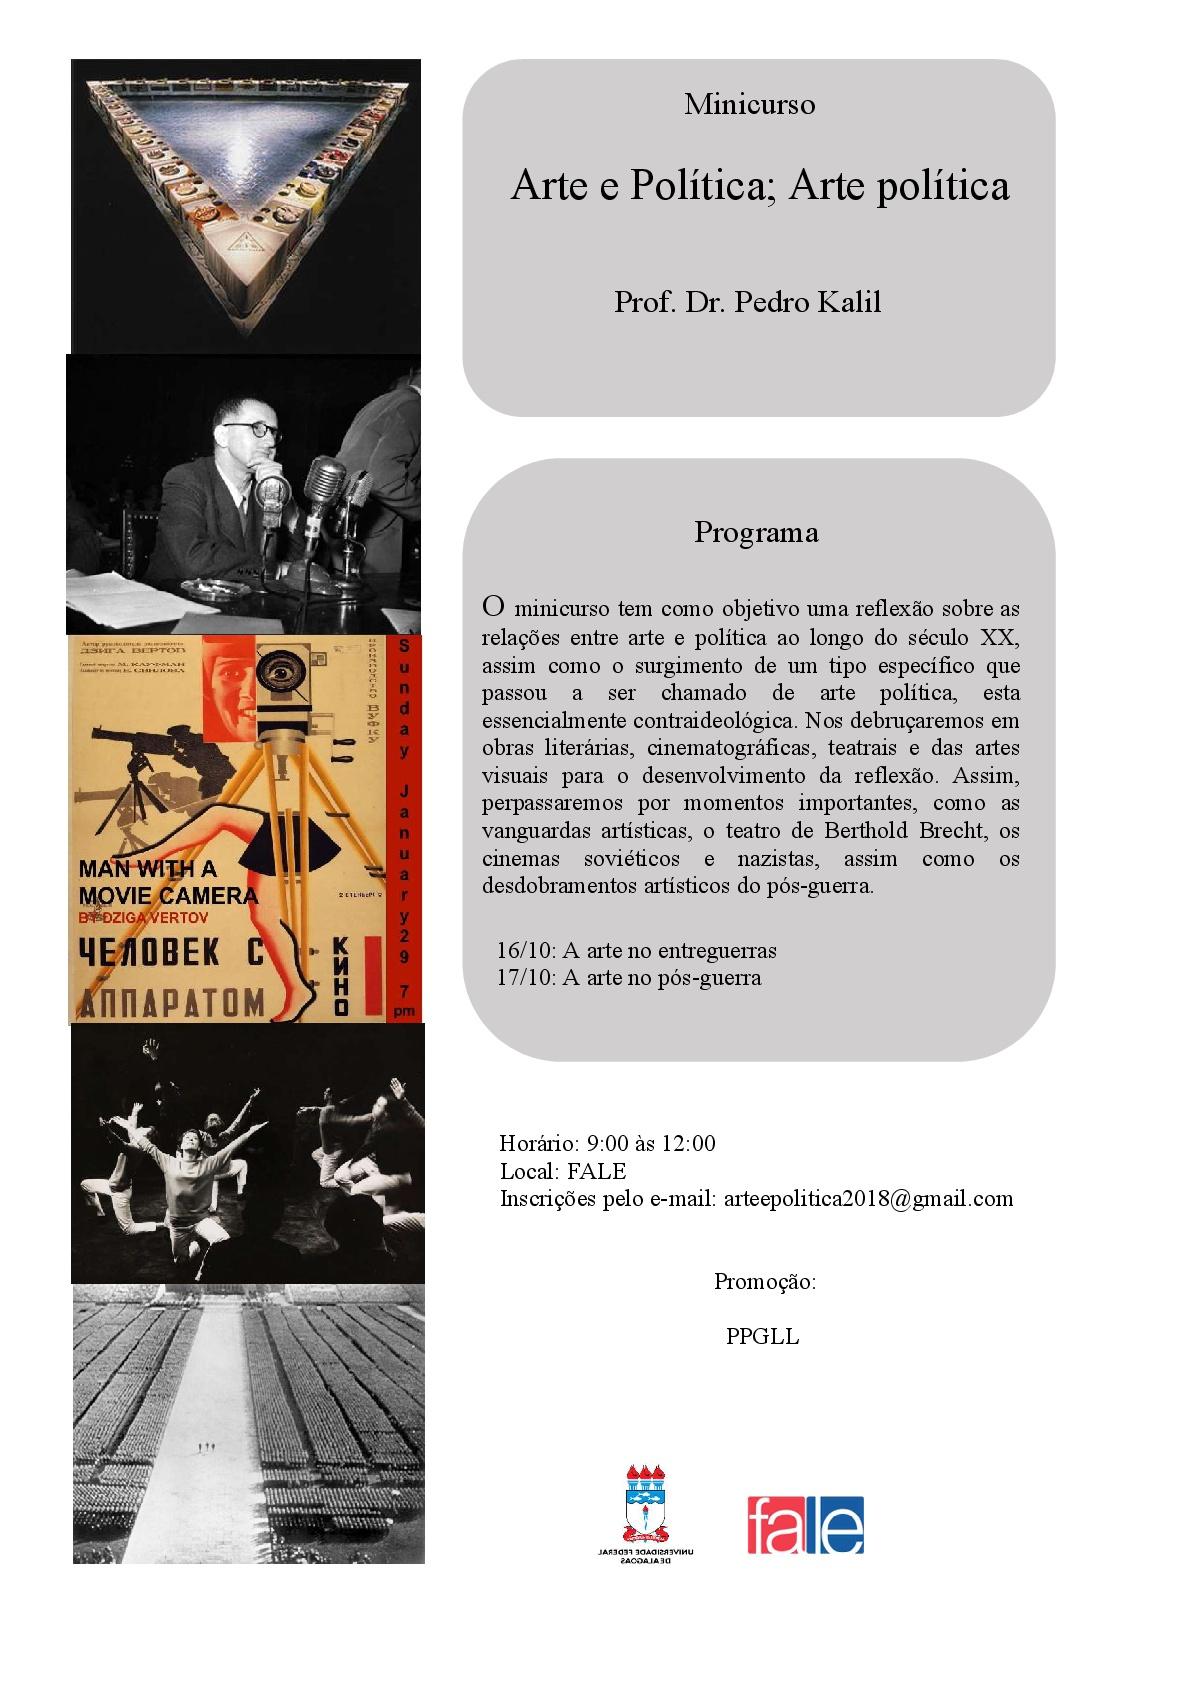 Minicurso Arte e política; Arte política